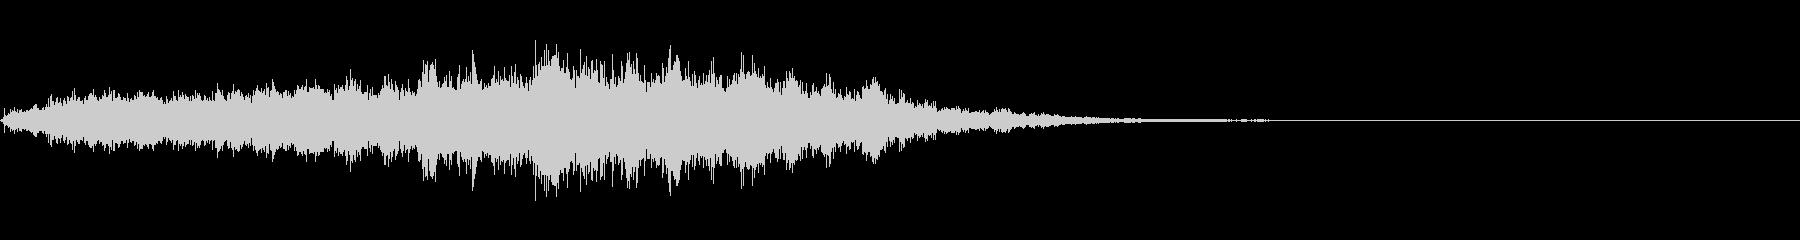 ホラー系導入音_その2の未再生の波形